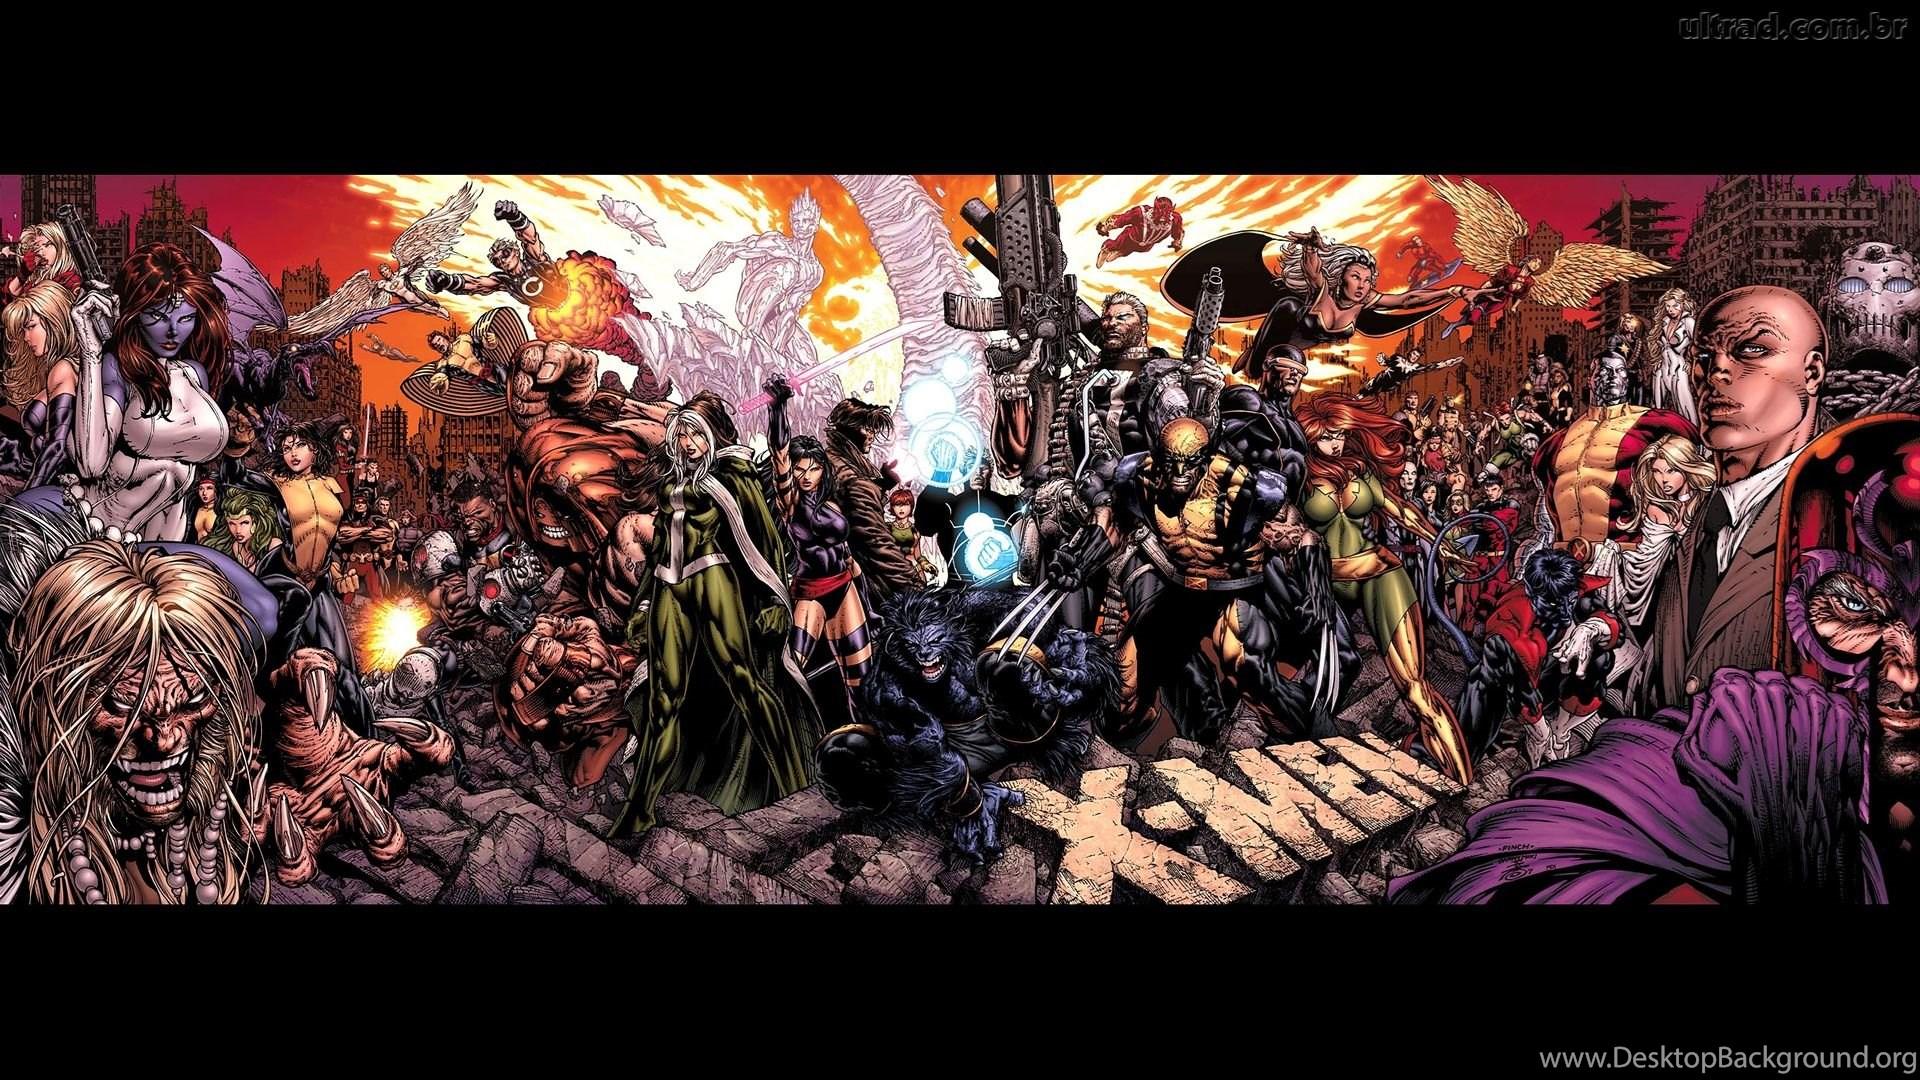 Top Wallpaper Marvel Archangel - 897974_top-pin-comics-marvel-archangel-wallpapers_1920x1080_h  Gallery_988176.jpg